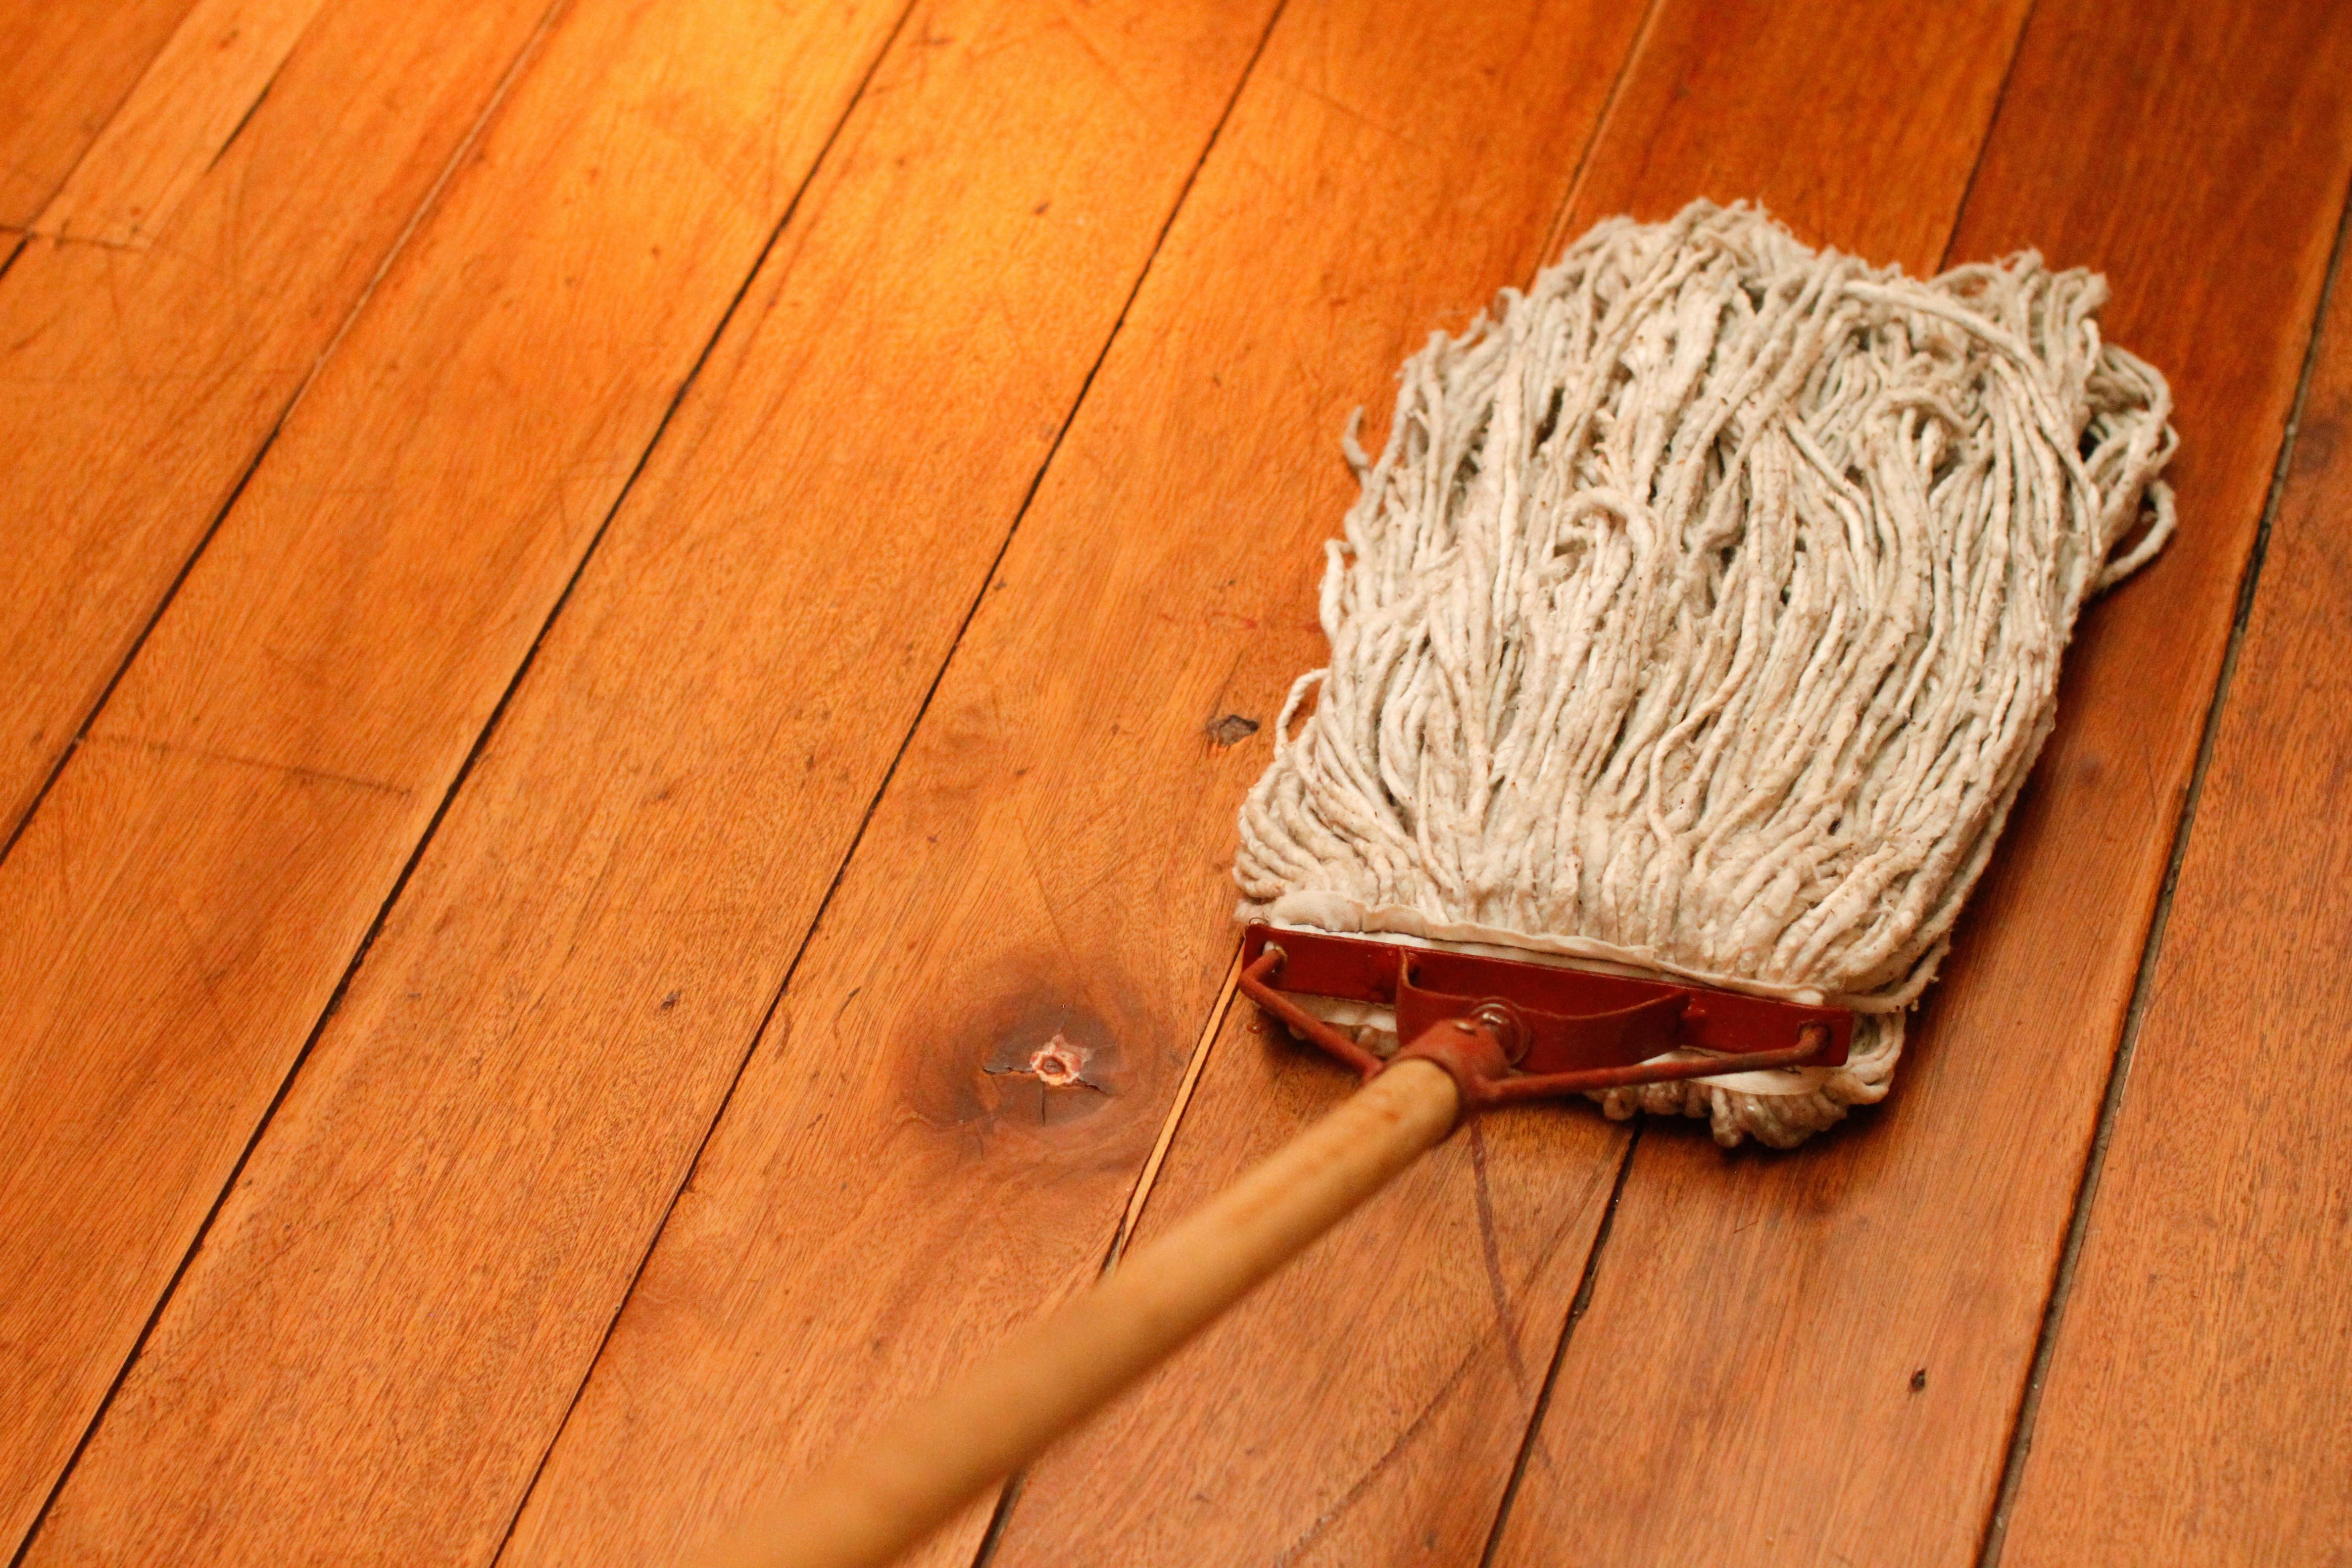 best deals on hardwood floors of hardwood floor steam mop shark steamer wood floors lovely 11 best od in hardwood floor steam mop shark steamer wood floors lovely 11 best od floors pinterest awesome